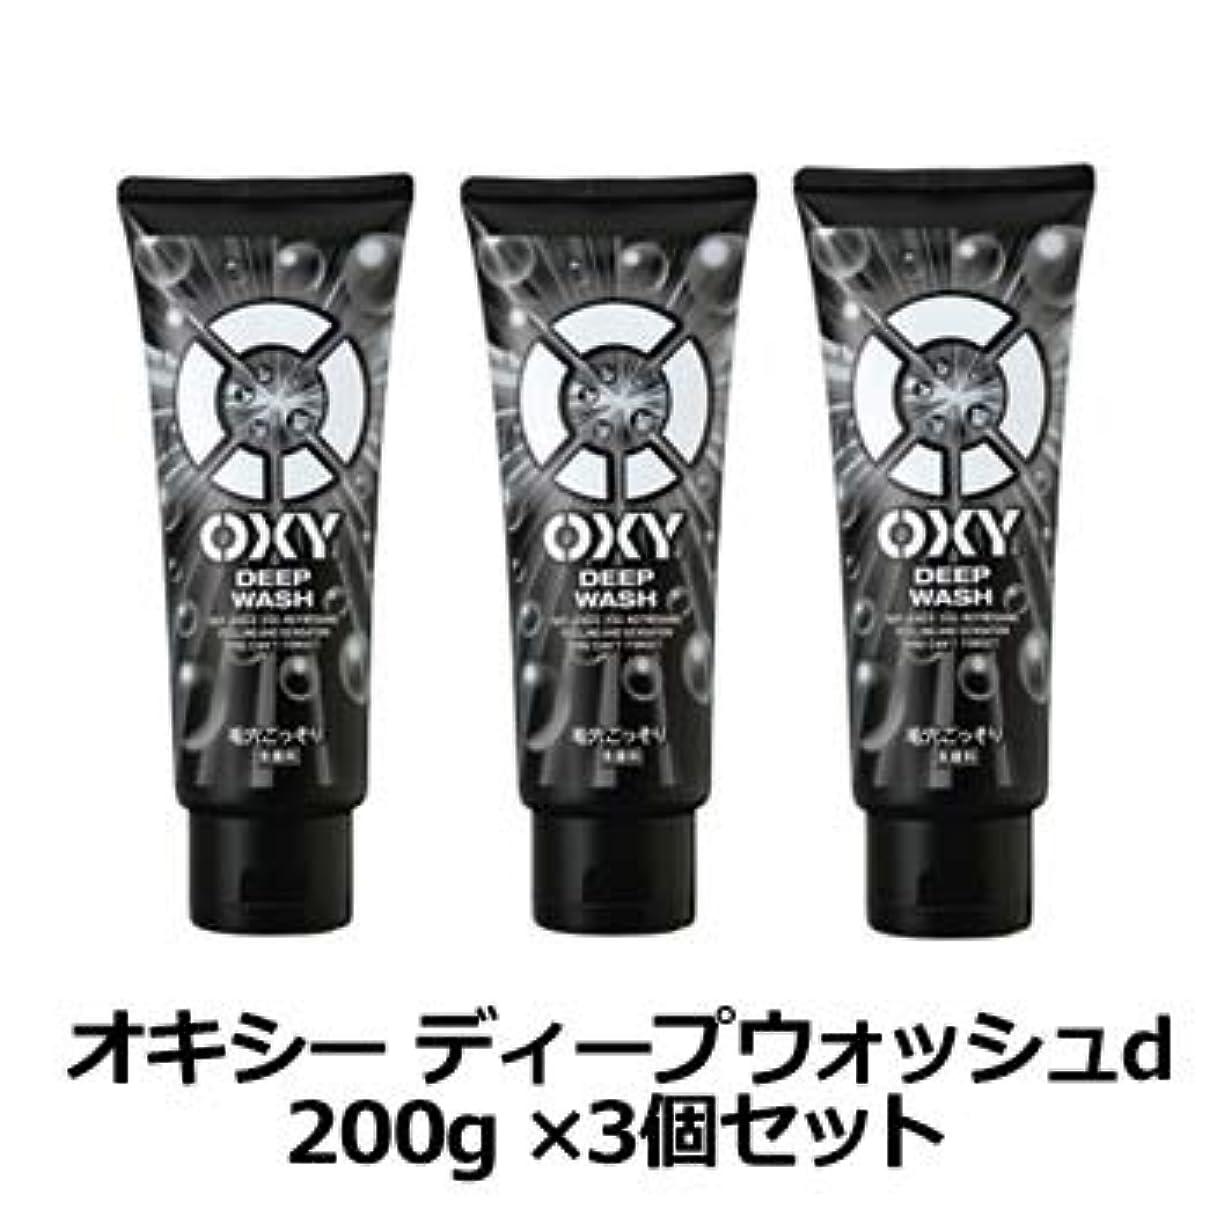 グリース繊細浪費オキシー ディープウォッシュ 200g ×3個セット